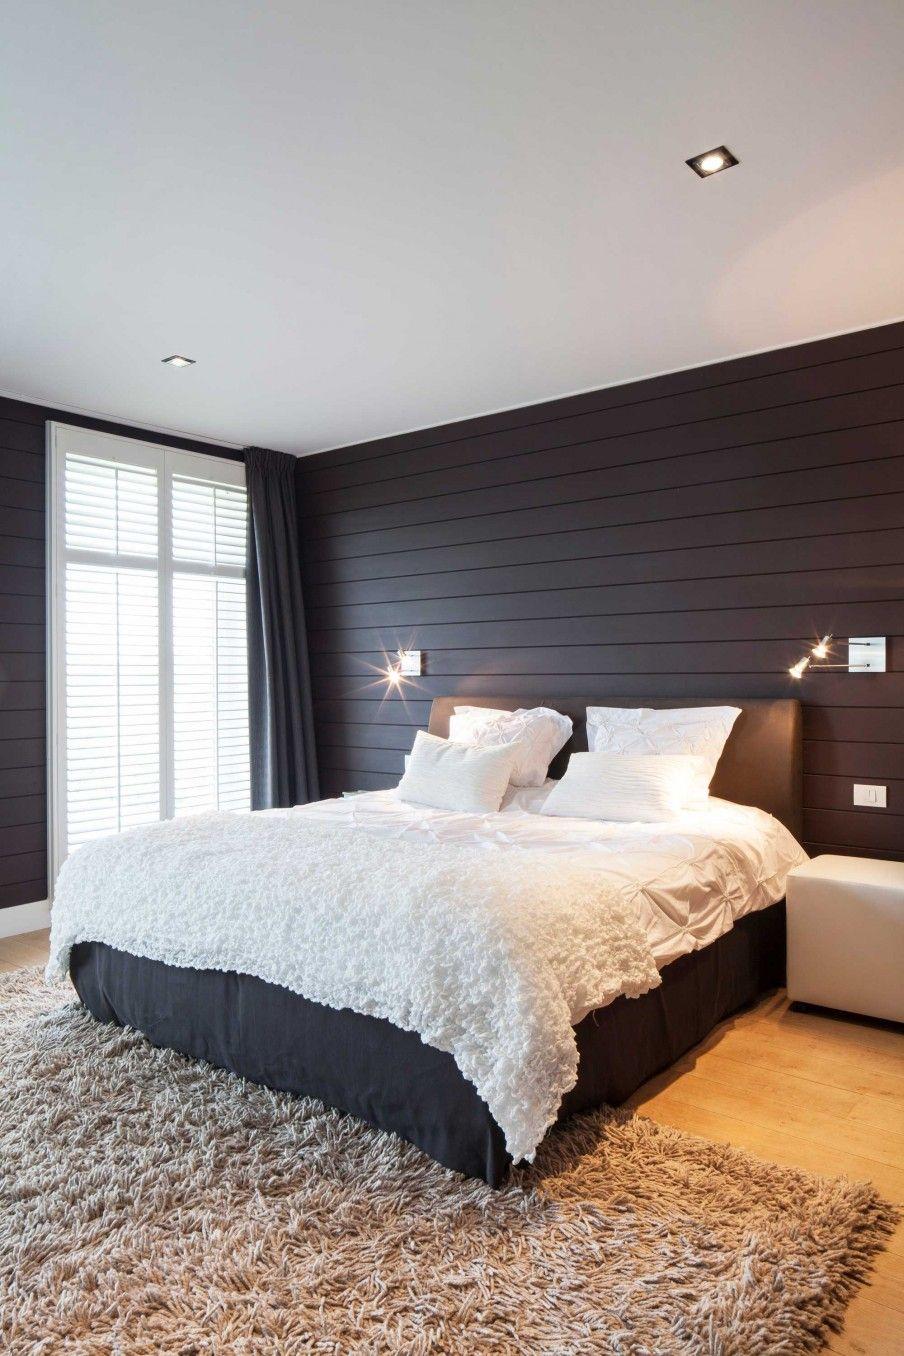 slaapkamer-bed-deken-tapijt   bedroom   Pinterest   Bedrooms, Master ...